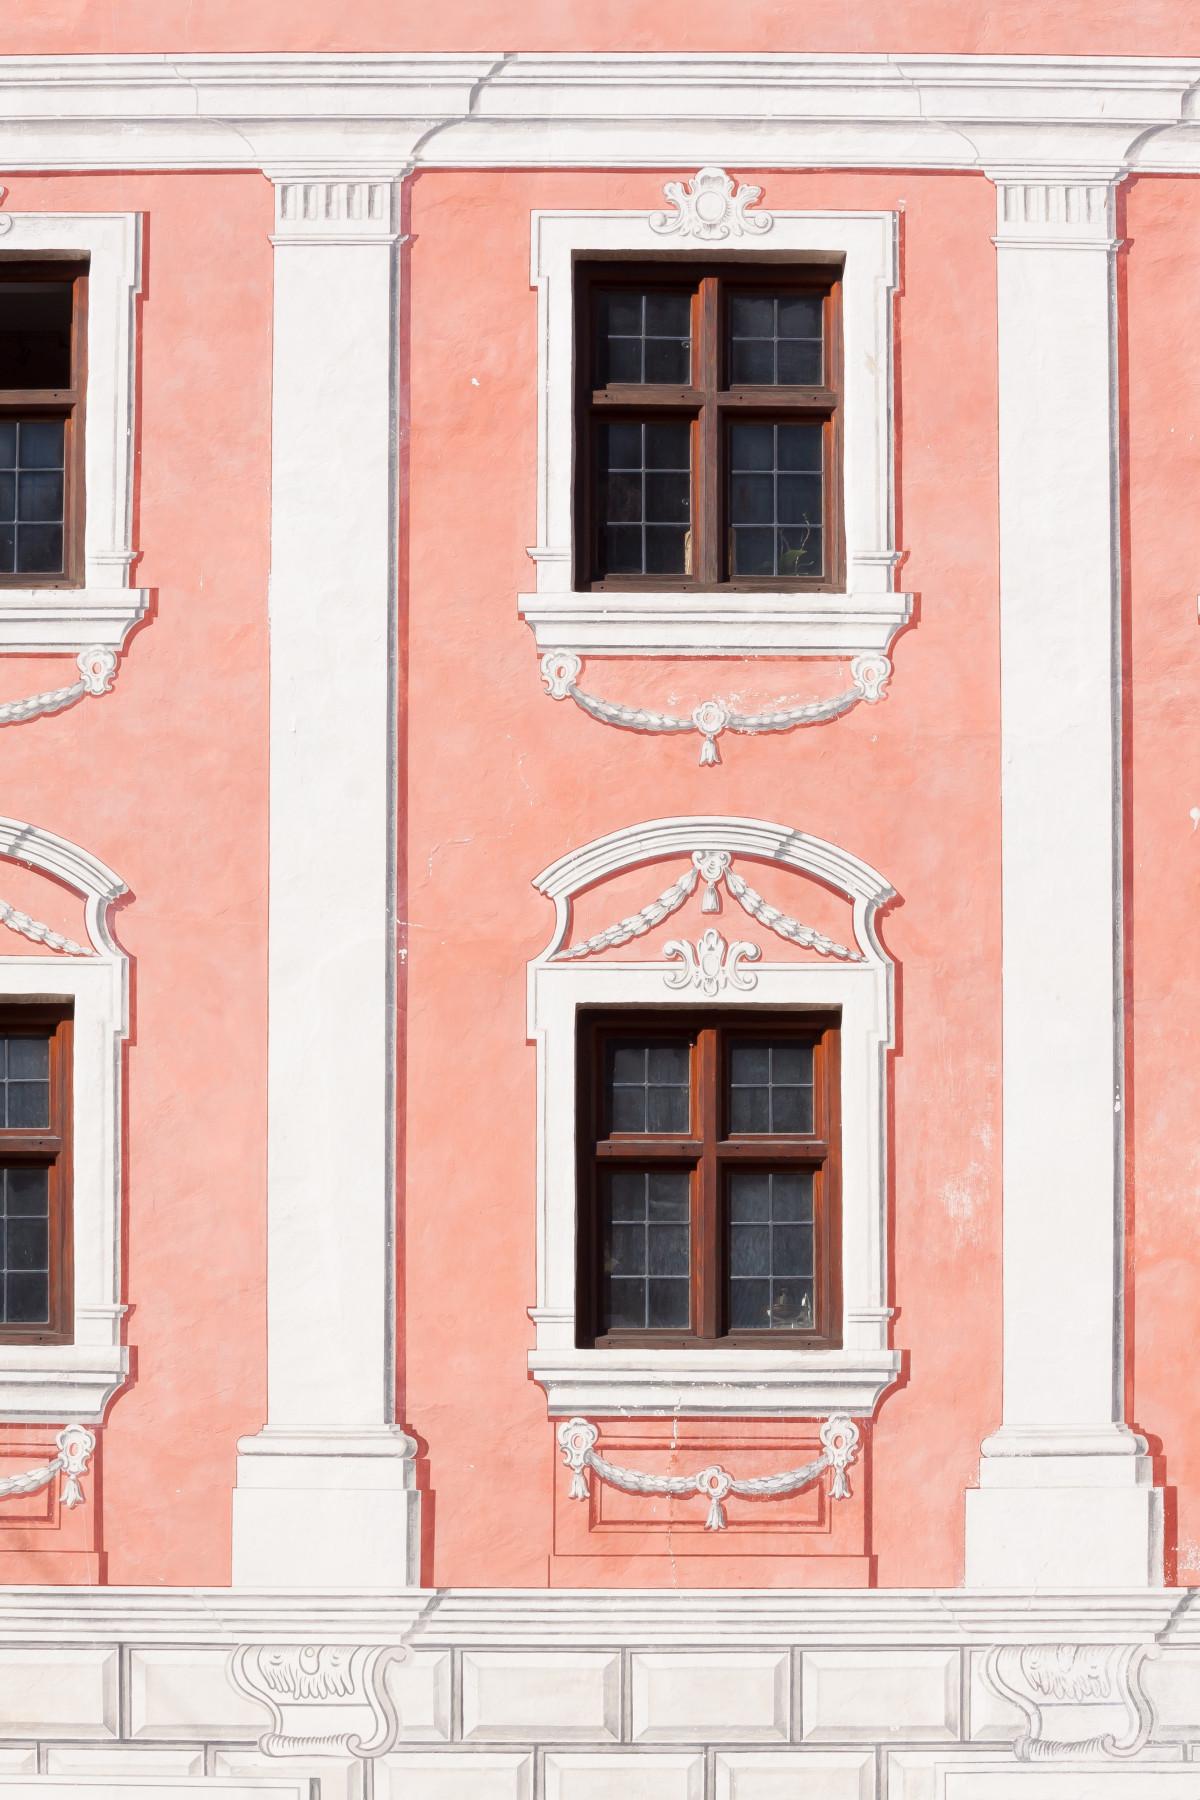 Images Gratuites Architecture Blanc Fentre Btiment